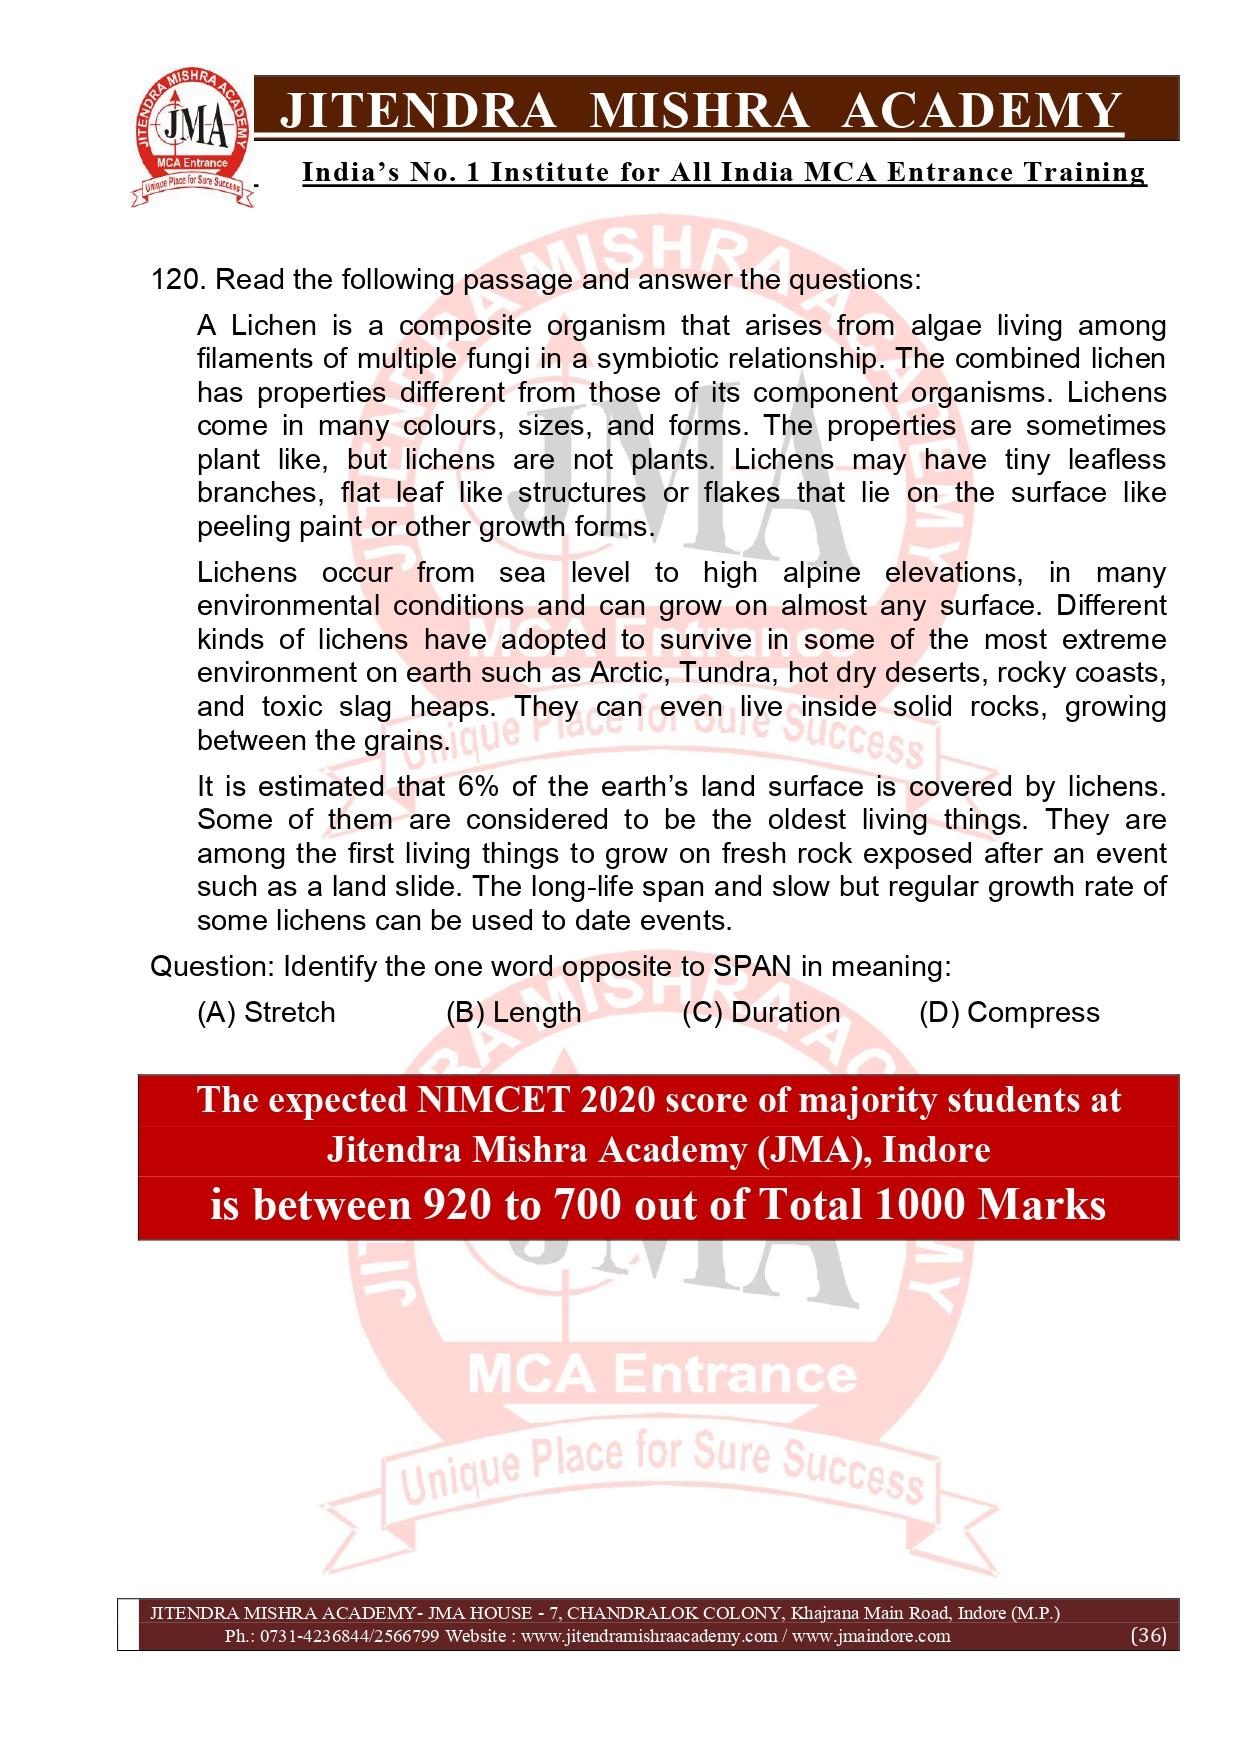 NIMCET 2020 QUESTION PAPER (FINAL)_page-0036